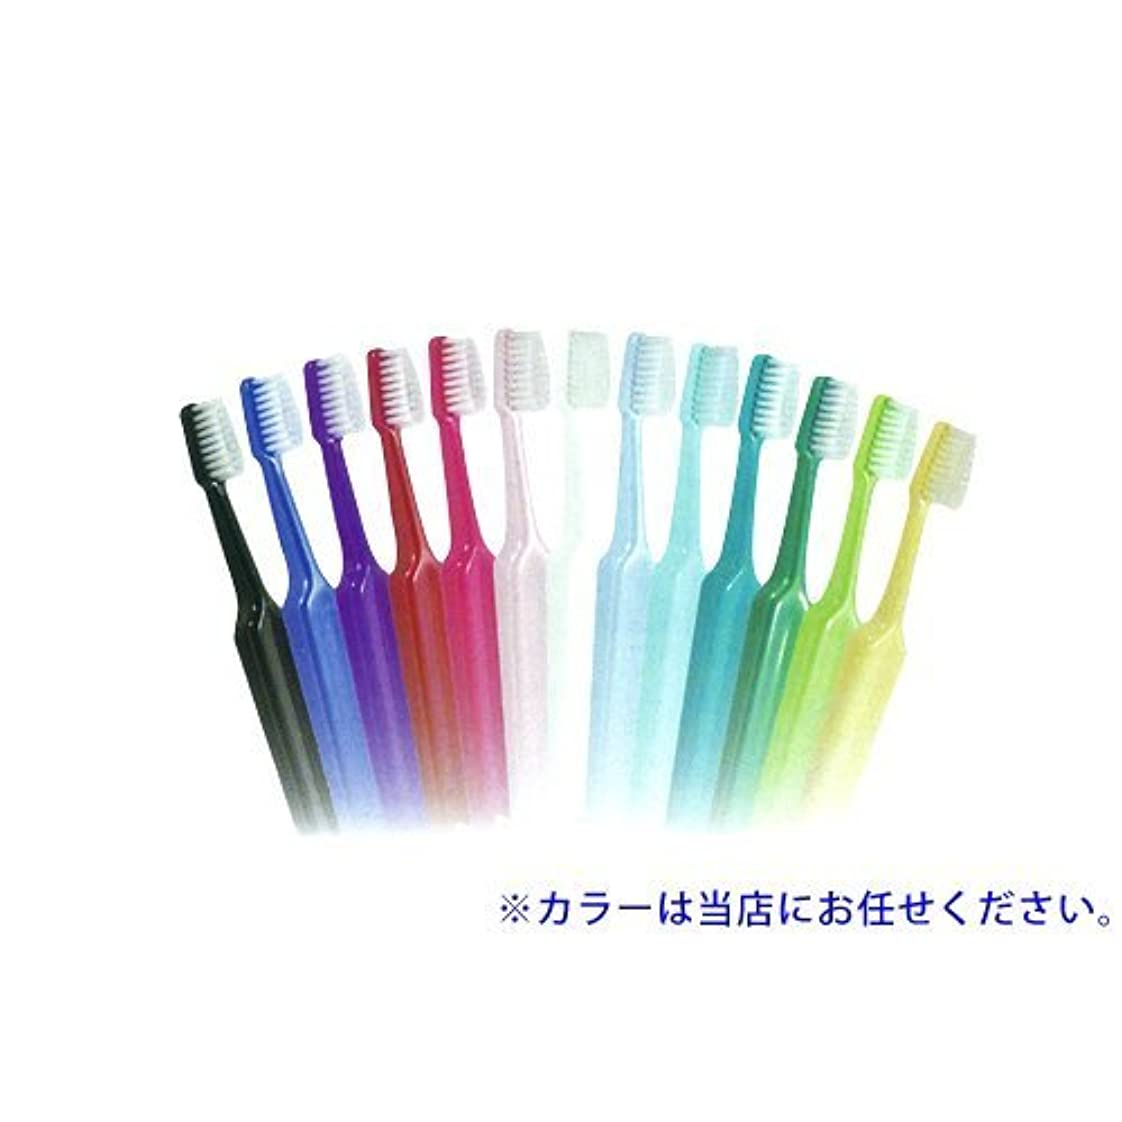 コントローラ干ばつフレッシュTepe歯ブラシ セレクトミニ/エクストラソフト 25本/箱